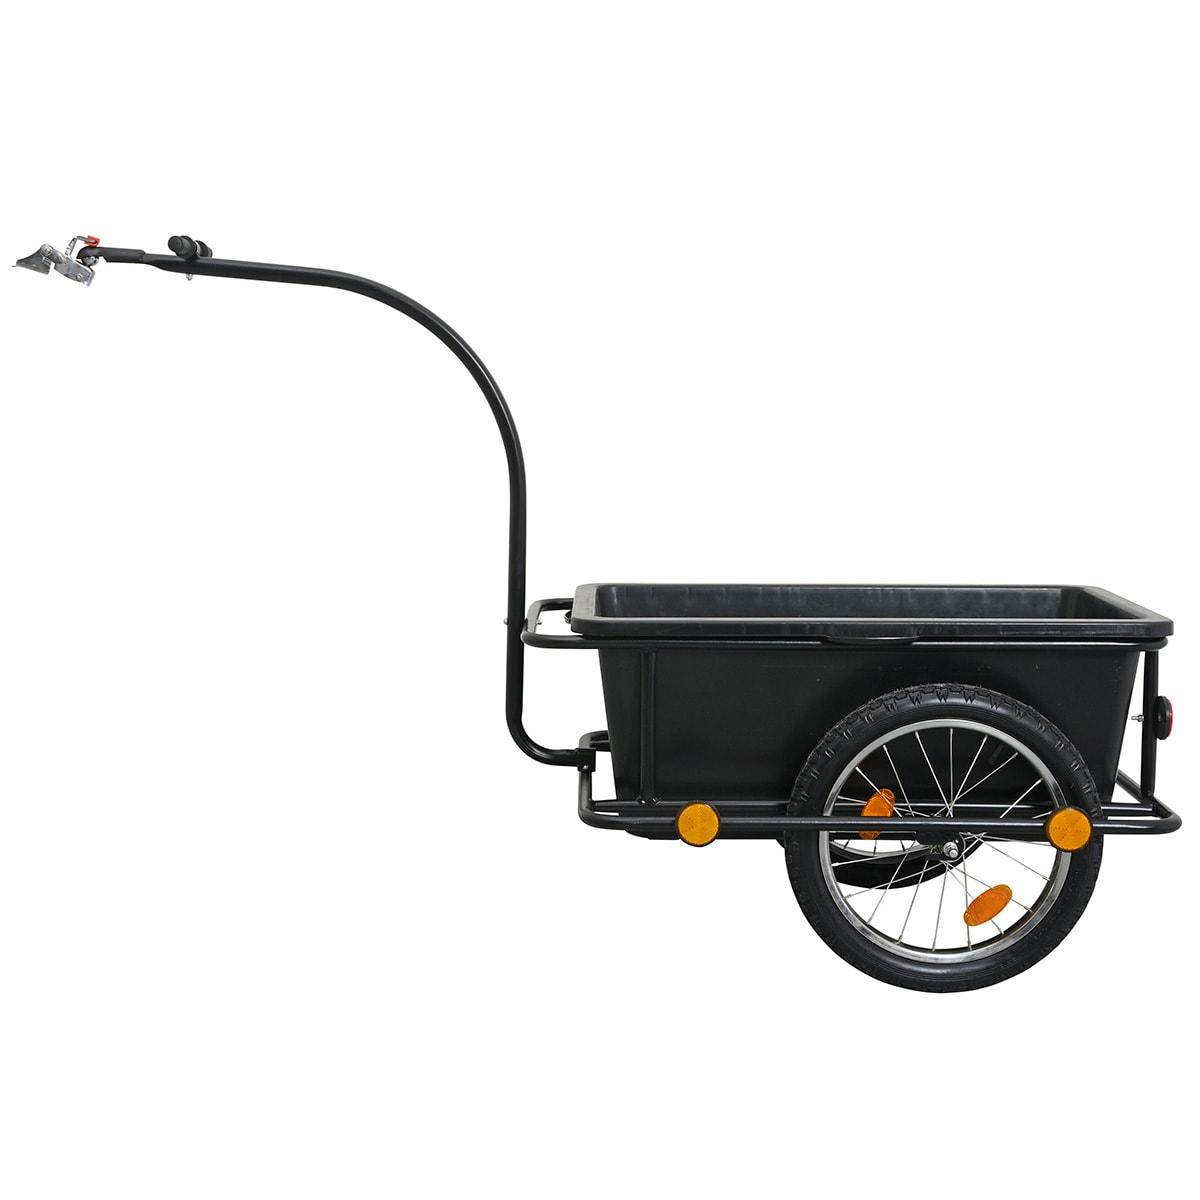 Cykeltrailer med solid og aftagelig plastkasse